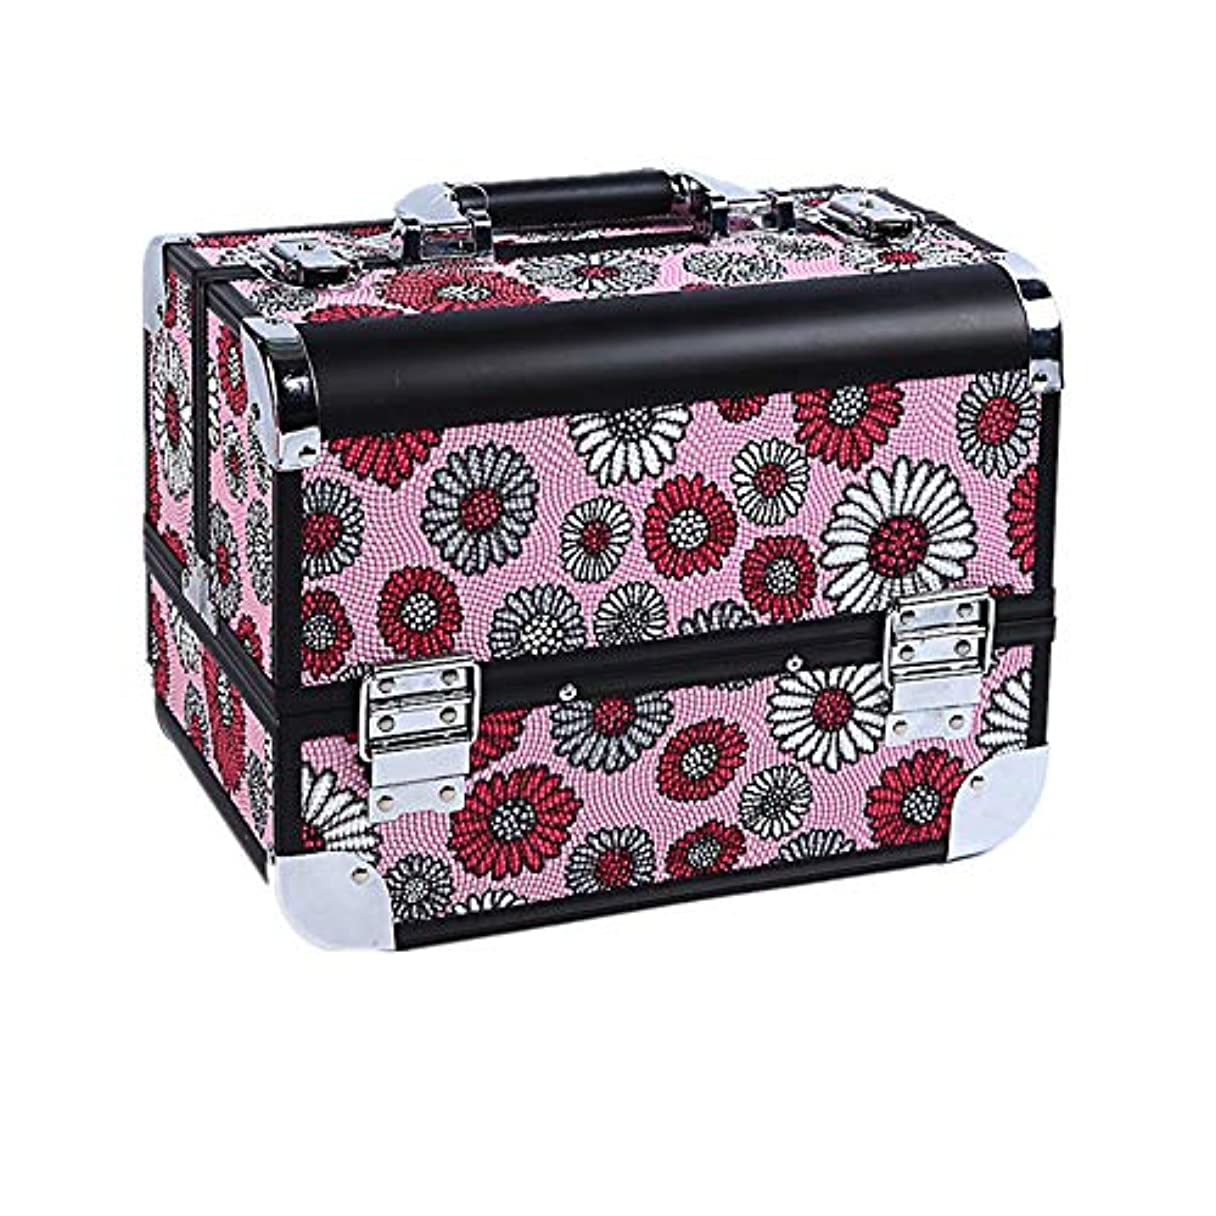 ダイエットアイドルブリーフケース化粧オーガナイザーバッグ 大容量ポータブルアルミ合金旅行化粧品美容メイクアップ化粧ケースひまわりのパターンと折り畳みトレイ 化粧品ケース